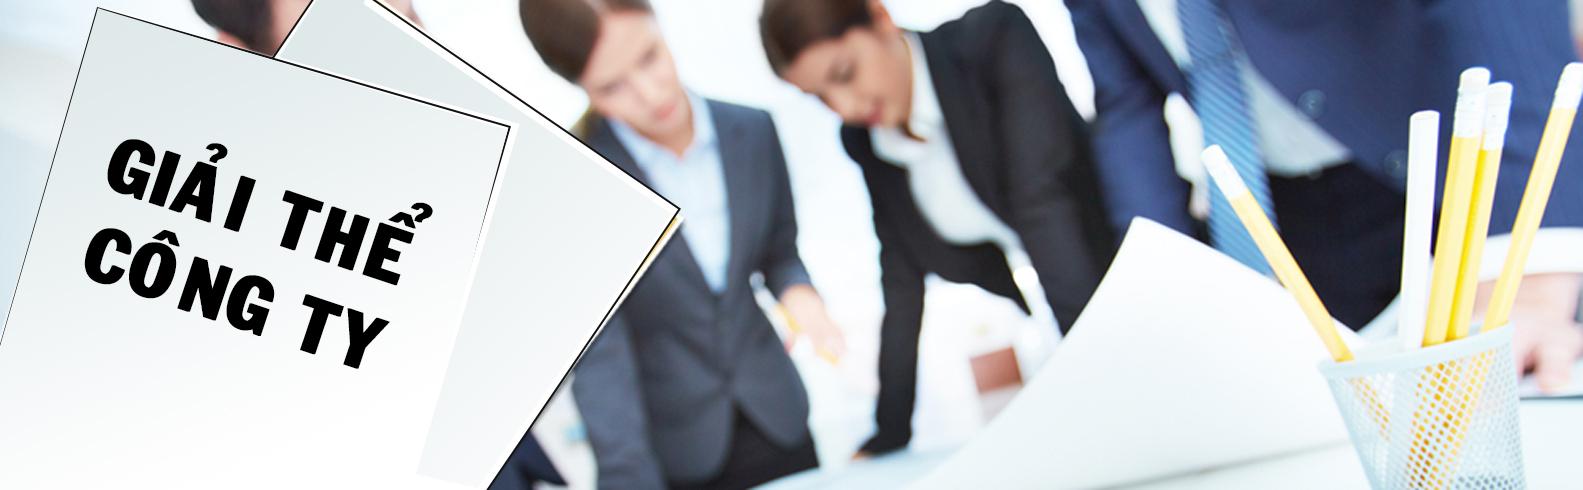 hồ sơ giai thể doanh nghiệp